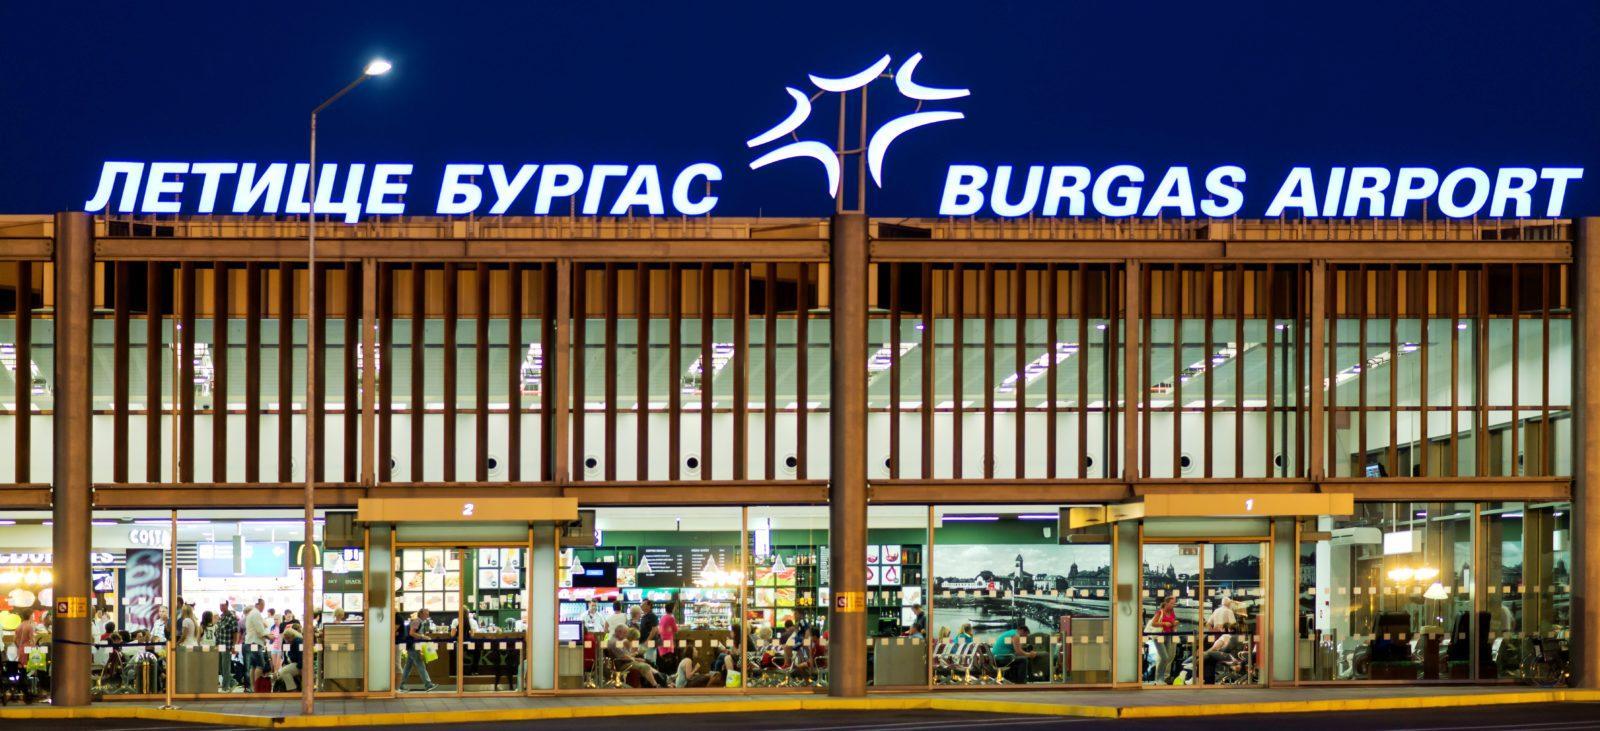 бургас болгария аэропорт